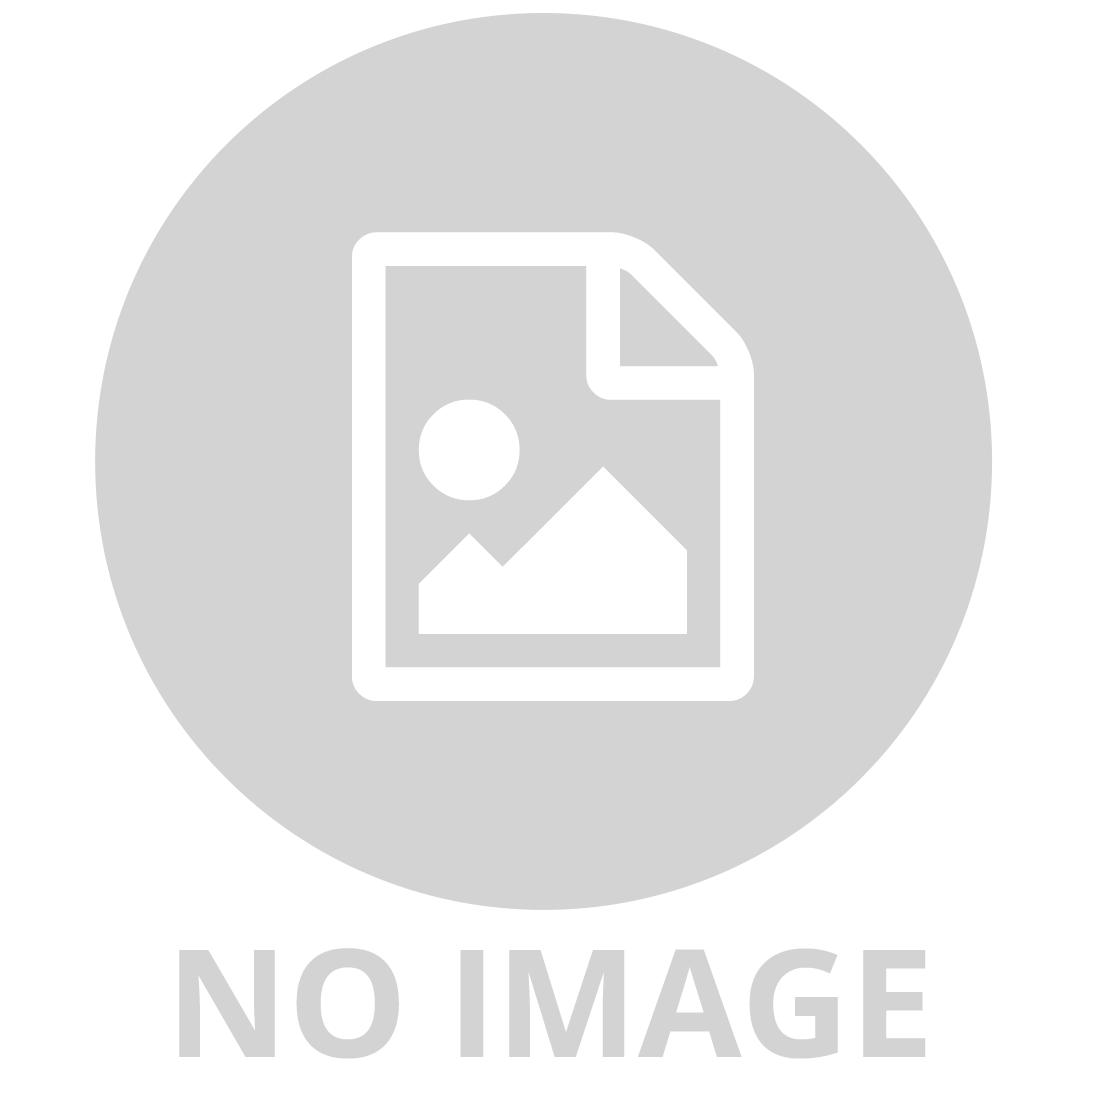 INTEX ICE CREAM CONE POOL FLOAT